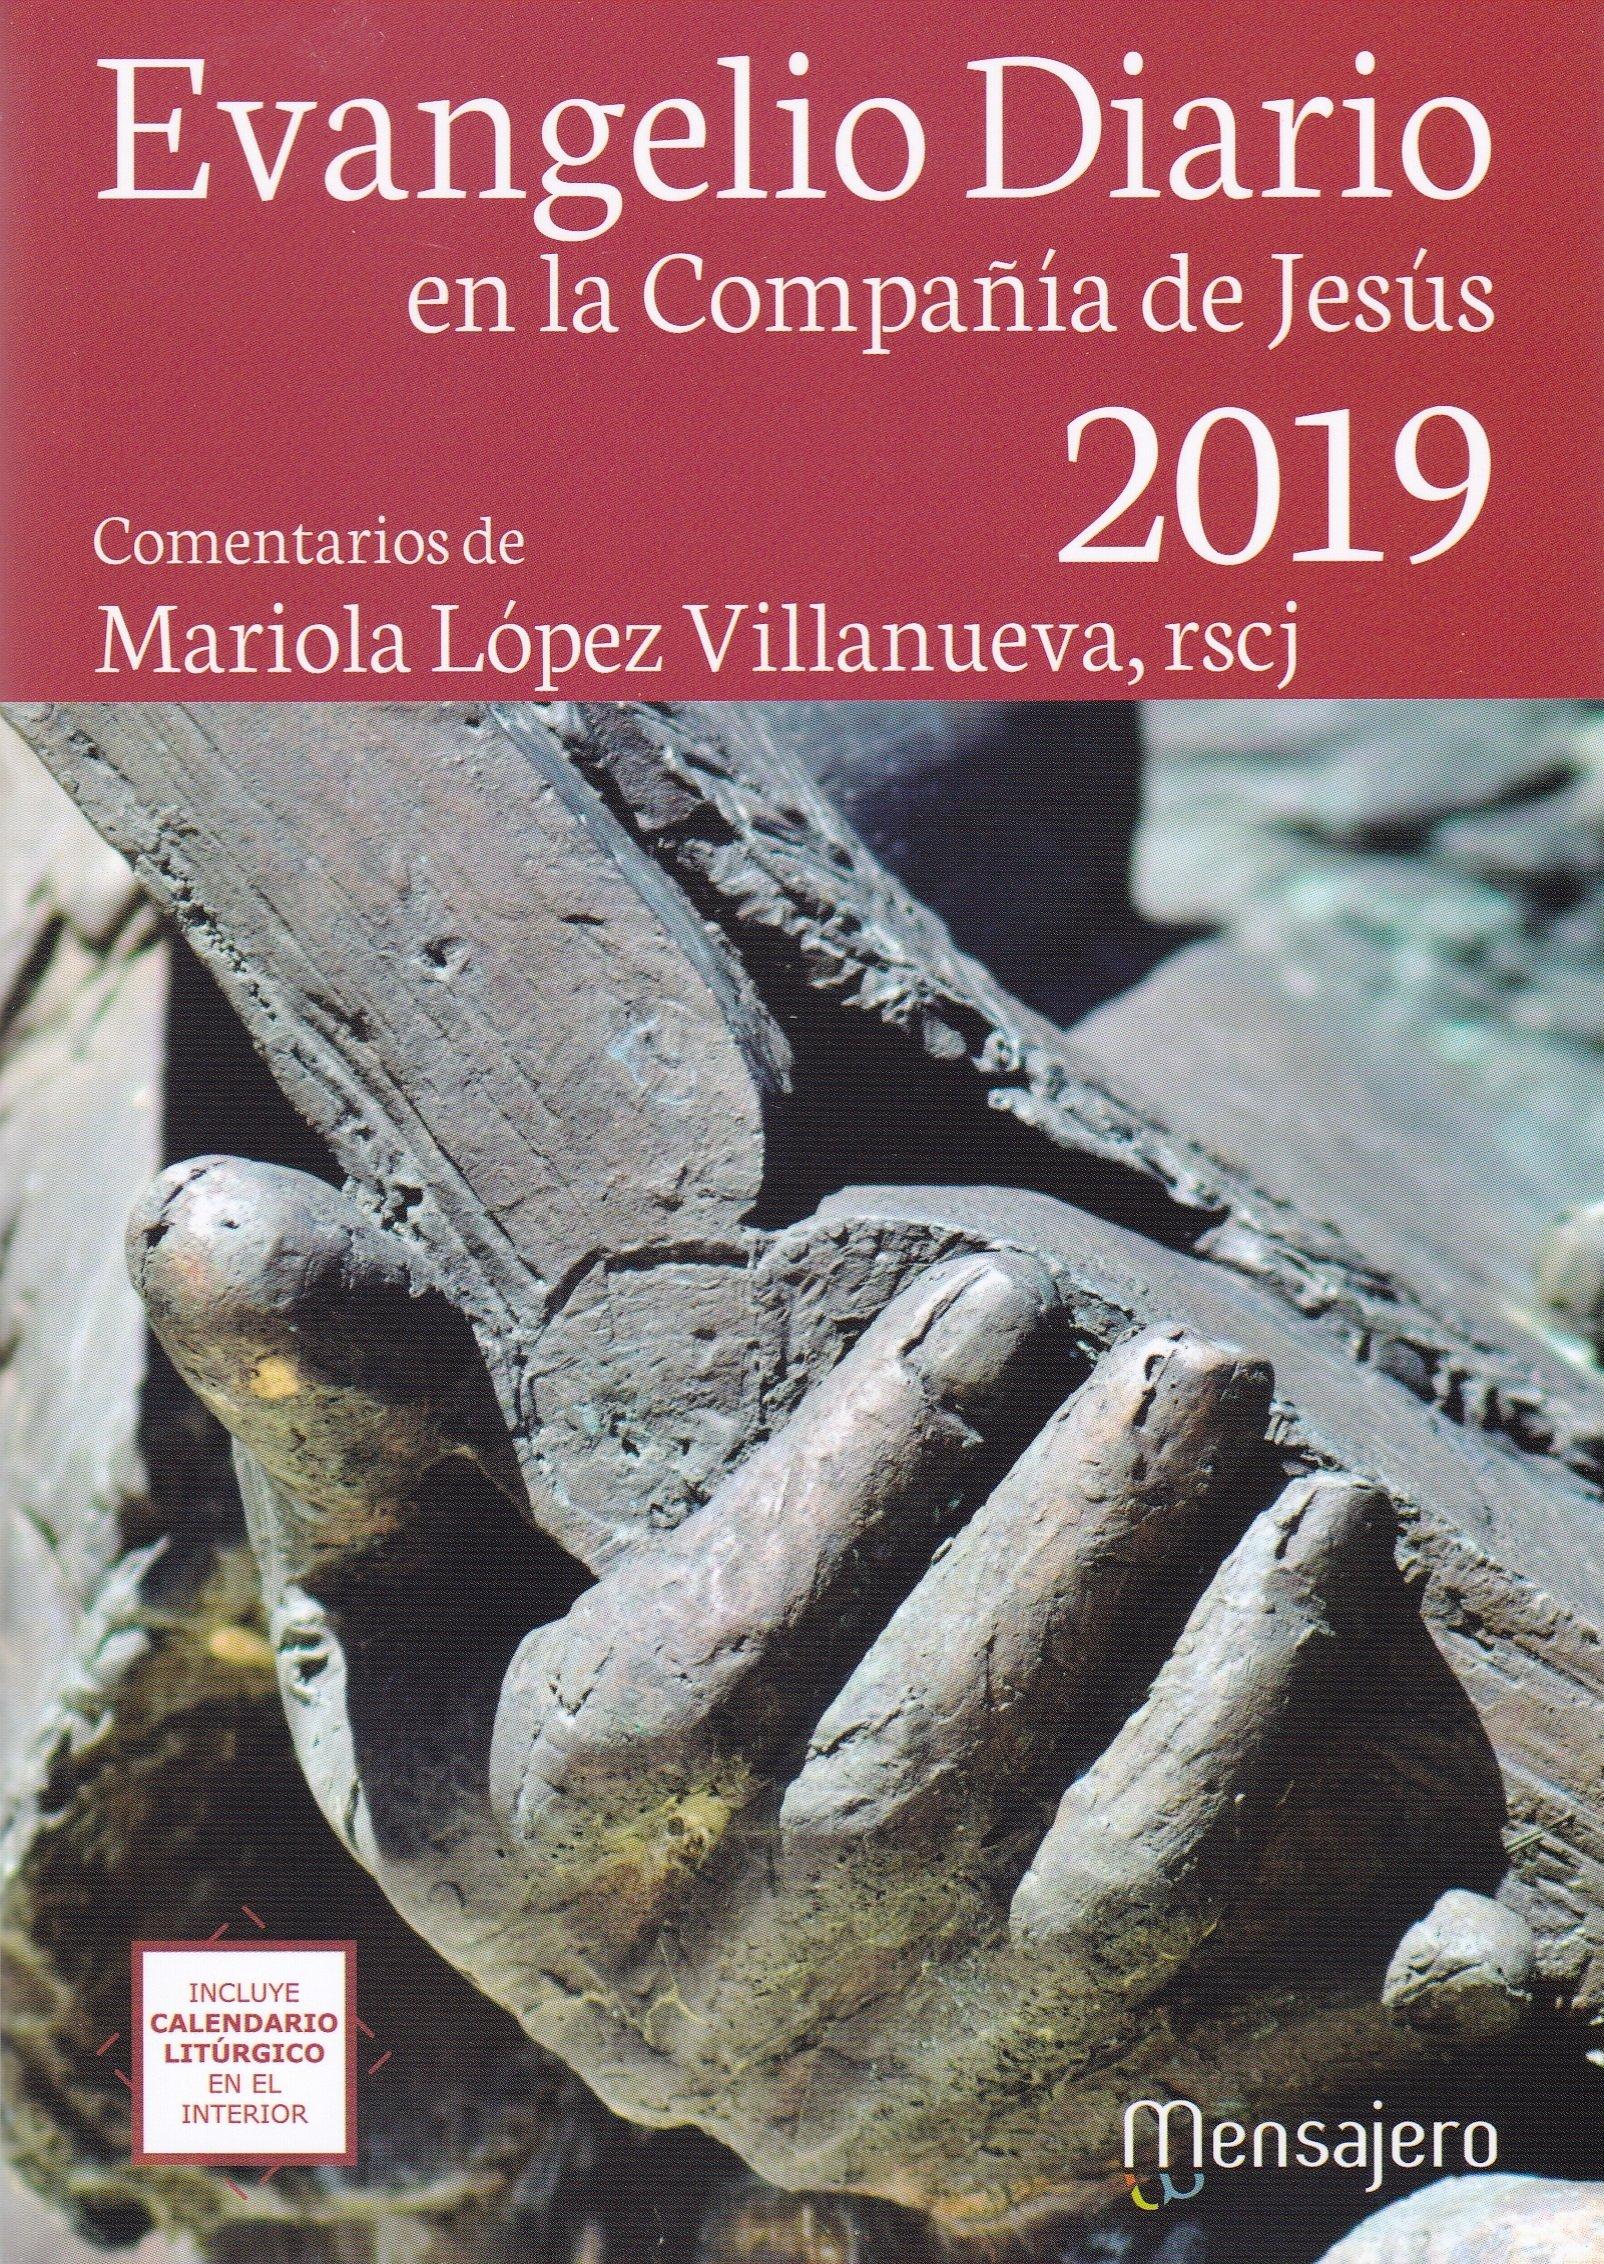 Evangelio Ddiario 2019 ( Letra Grande ). En la compañía de Jesús Tapa blanda – 11 sep 2018 Mariola López Villanueva Ediciones Mensajero 8427141963 HRCL